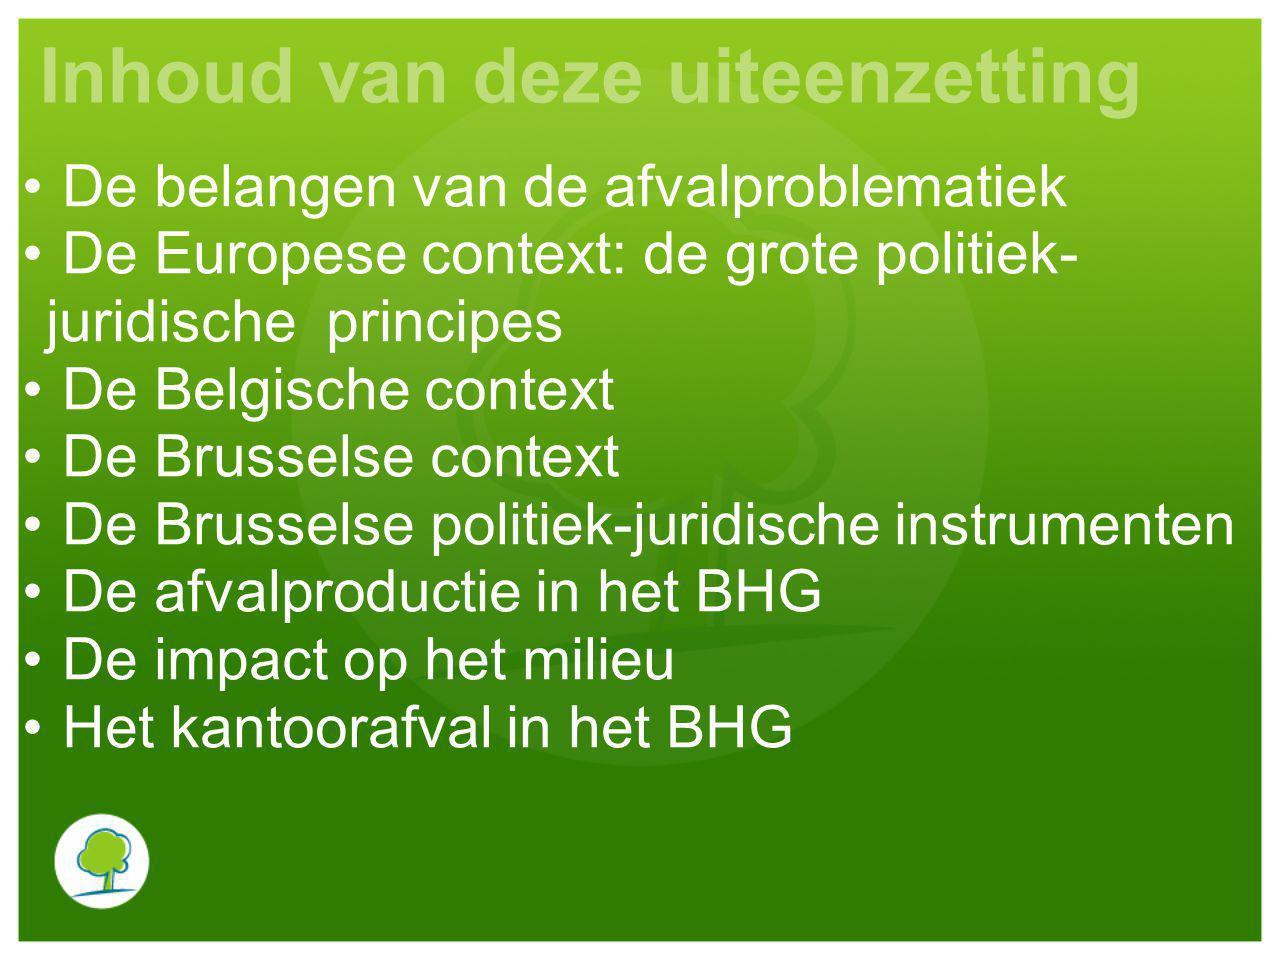 Inhoud van deze uiteenzetting De belangen van de afvalproblematiek De Europese context: de grote politiek- juridische principes De Belgische context D